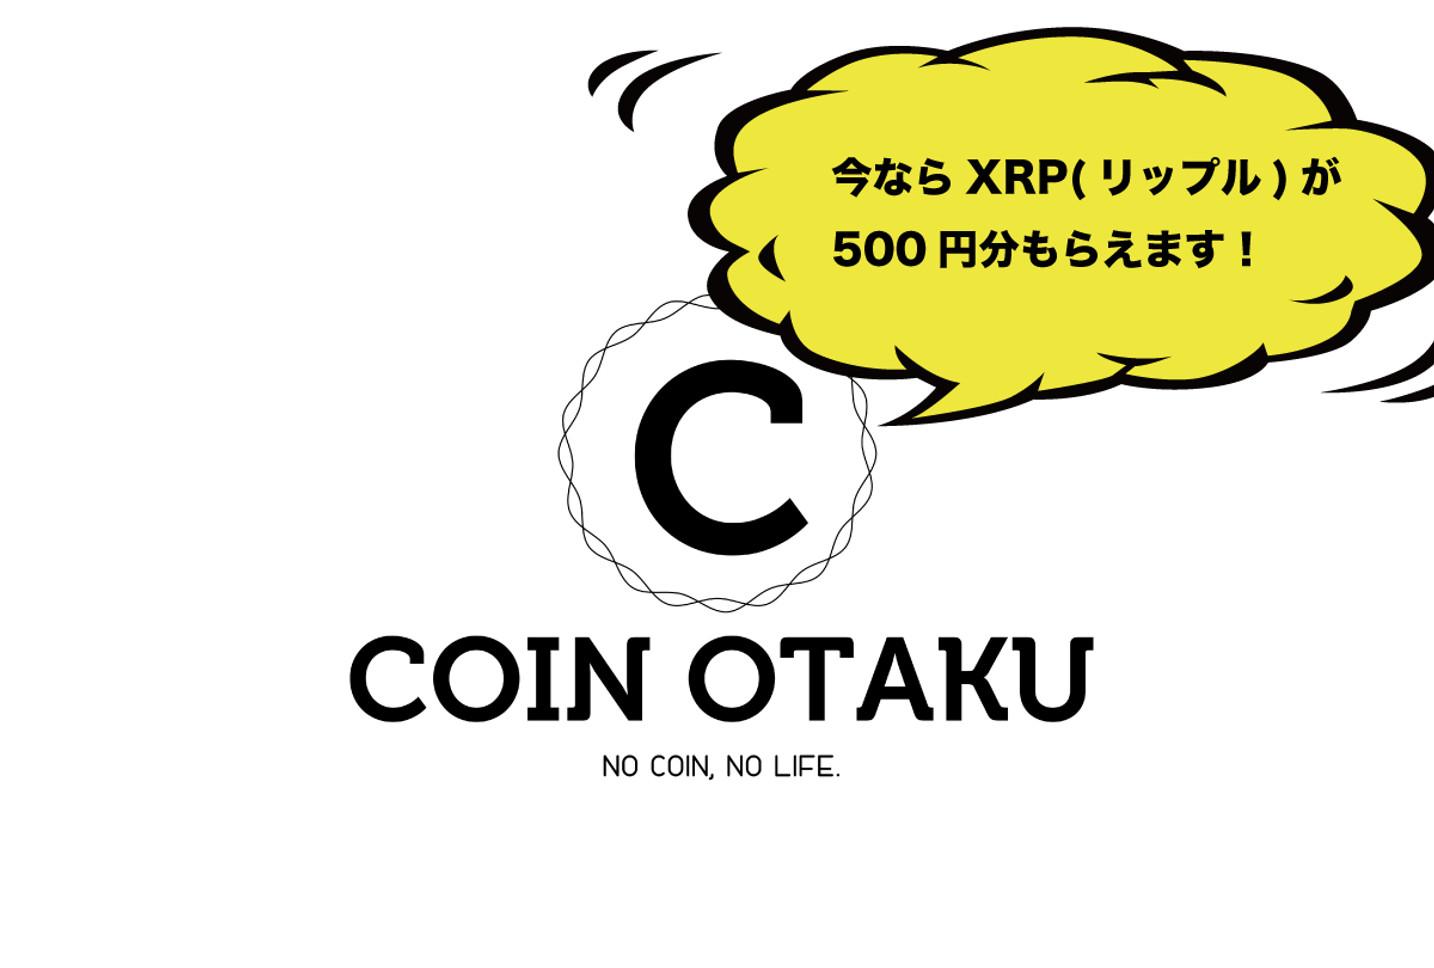 【5月1日(水曜日)から初月無料】暗号資産のファンダメンタルとテクニカルを同時に学べるオンラインサロン ※XRP500円分ももらえる